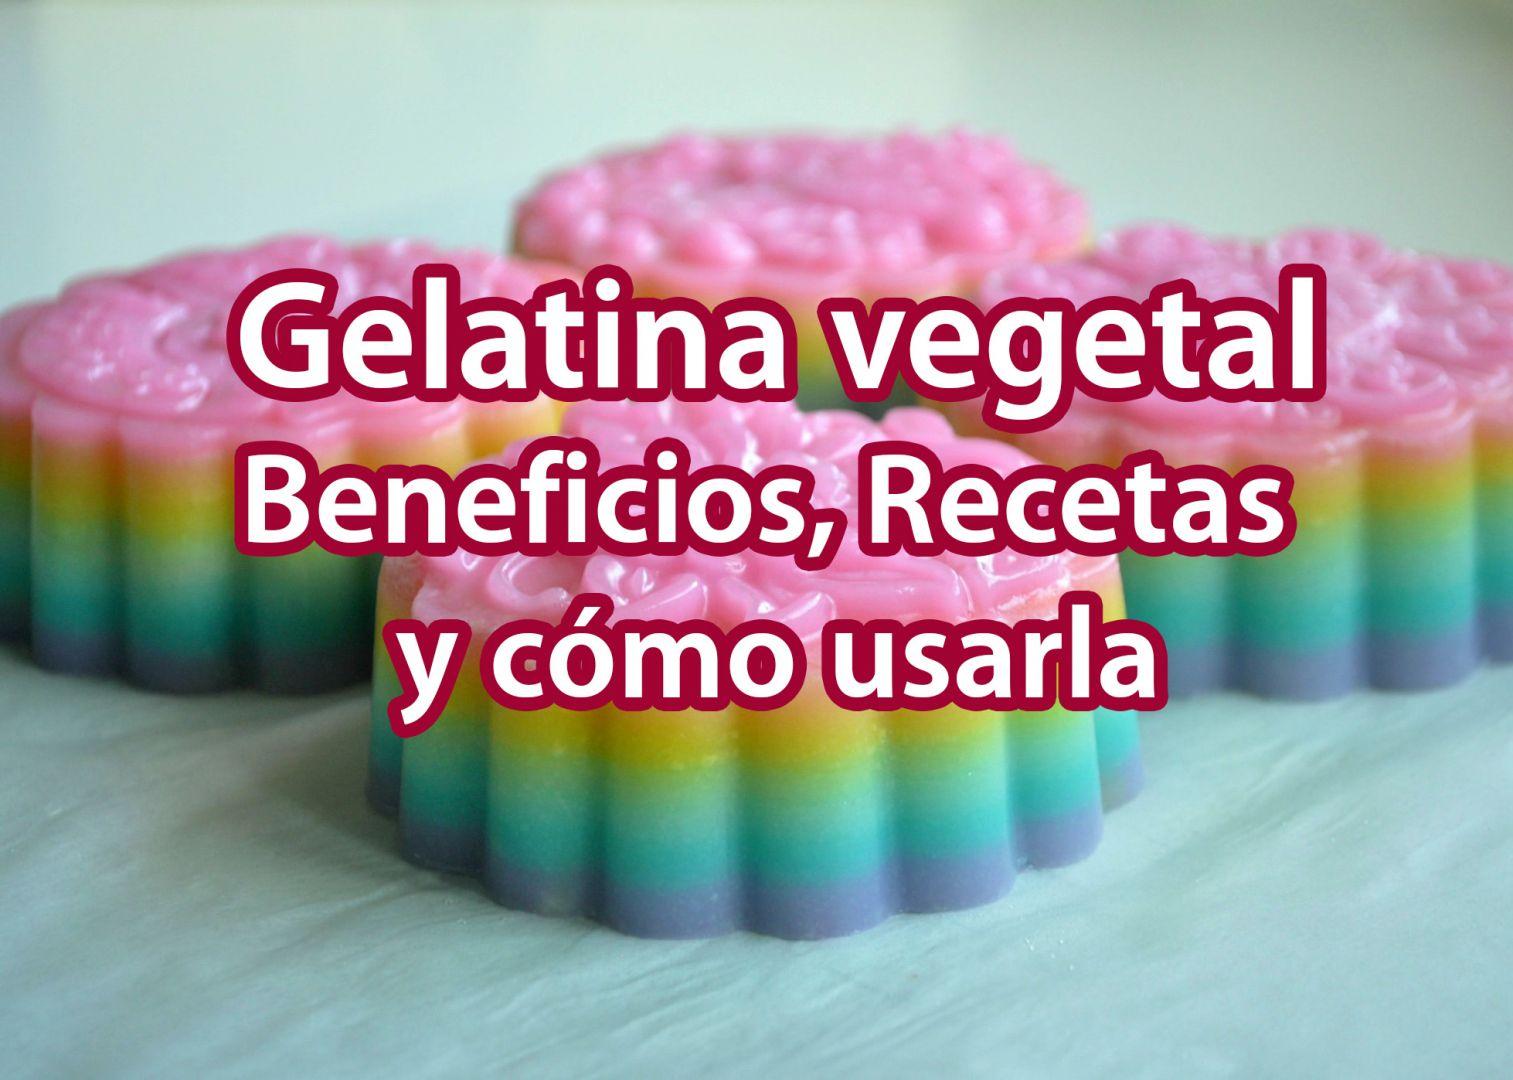 Gelatina vegetal: Beneficios, Recetas y Cómo usarla